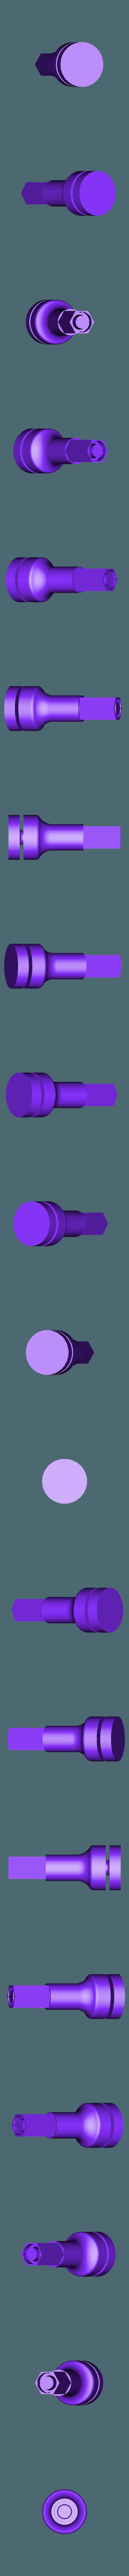 Magnet_insertion_tool_-_round_v6.stl Télécharger fichier STL gratuit Mini manches de tournevis magnétiques • Objet imprimable en 3D, 3D-Designs